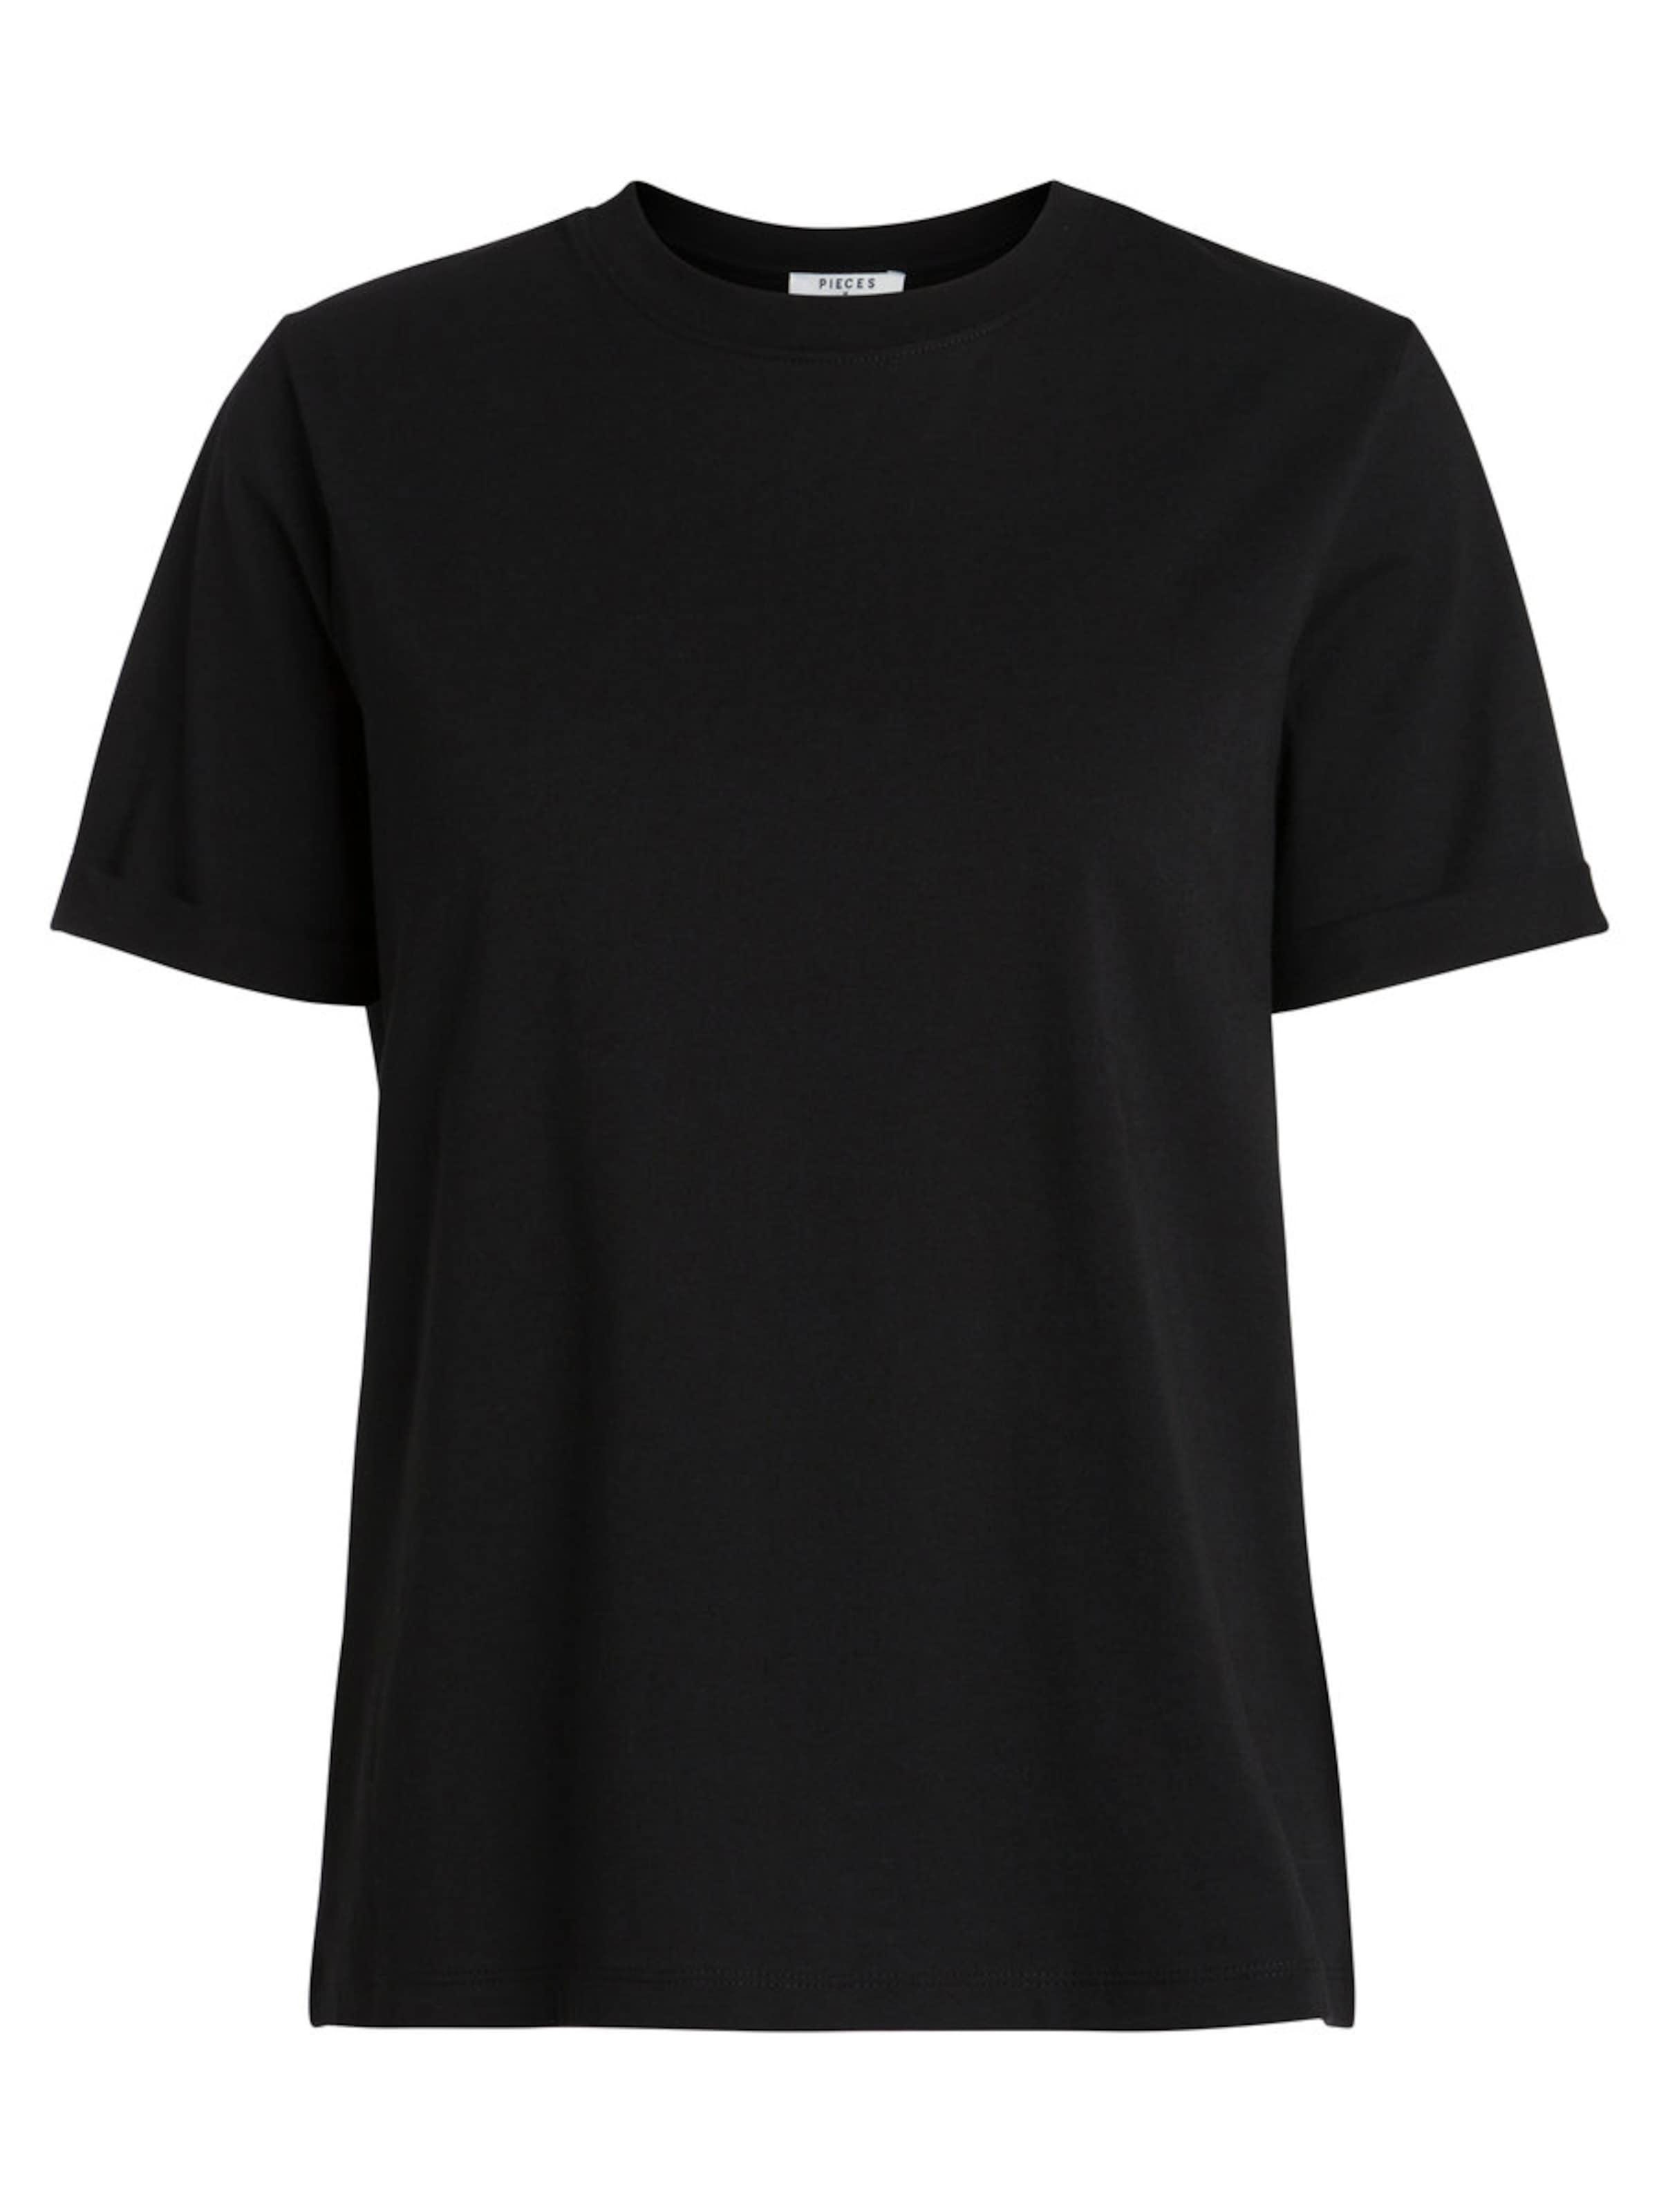 Verkauf Neuesten Kollektionen Gemütlich PIECES T-Shirt 'RIA' Finden Große 37WI75ods